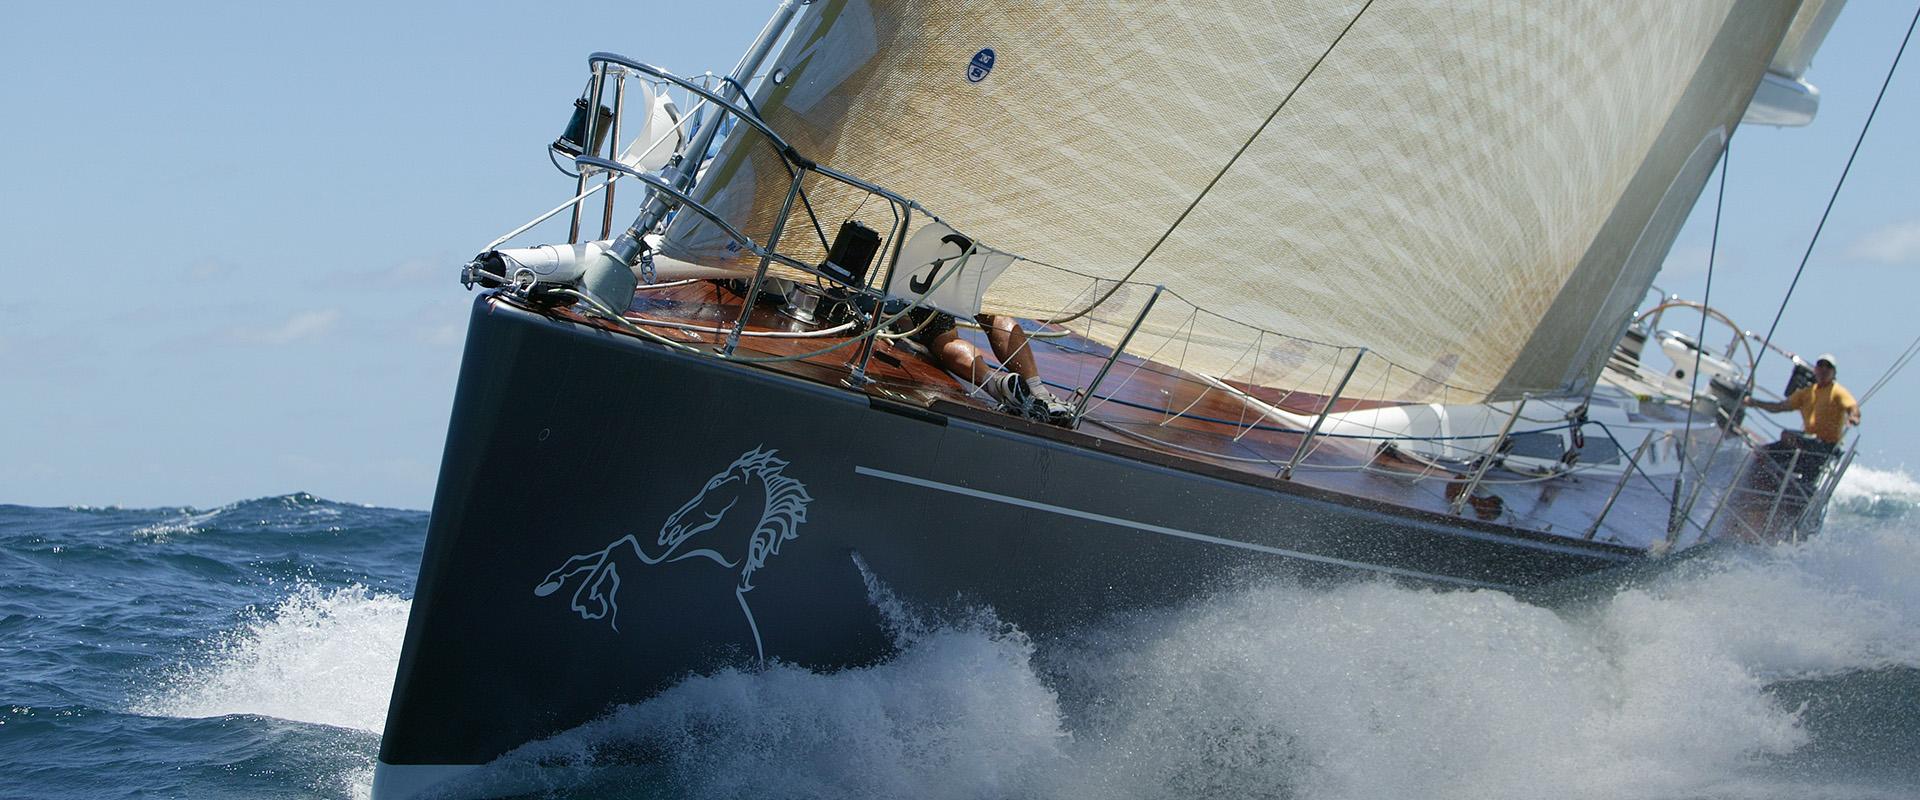 SW78 OCEAN HORSE (ex ALLSMOKE) | SOLD